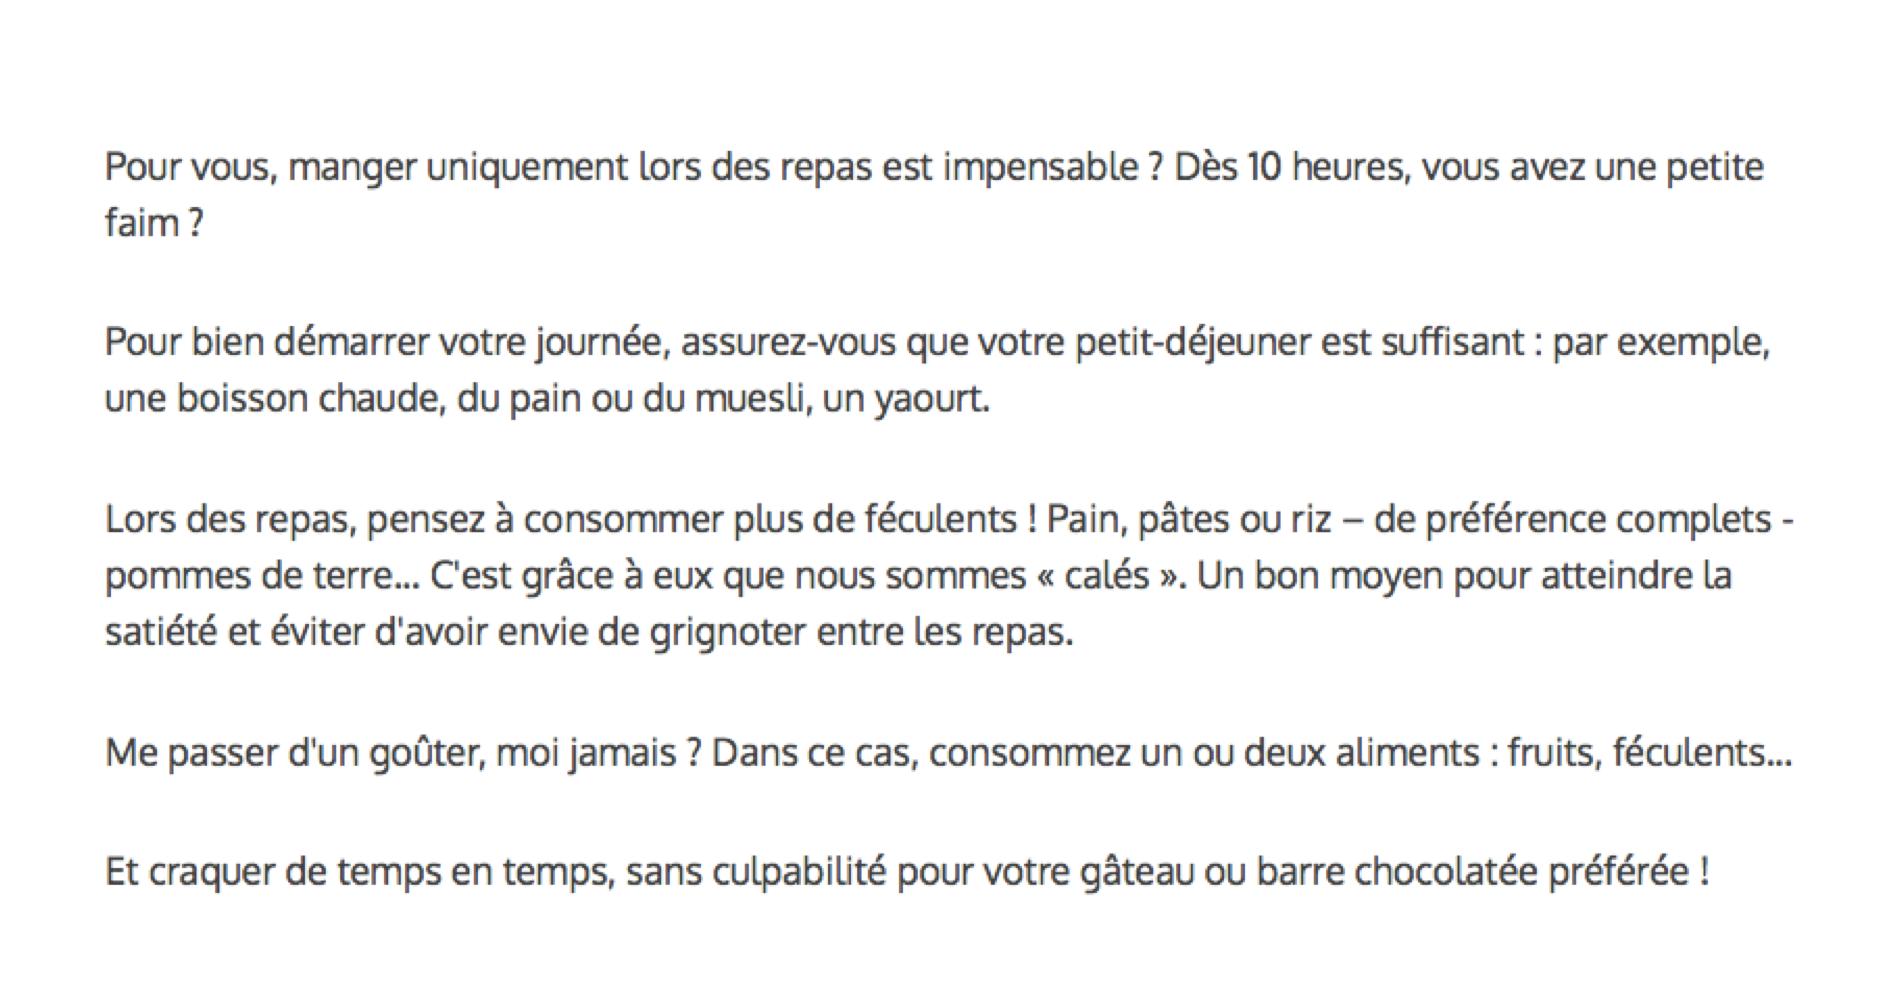 Comment arrêter de grignoter? Source : manger-bouger.fr